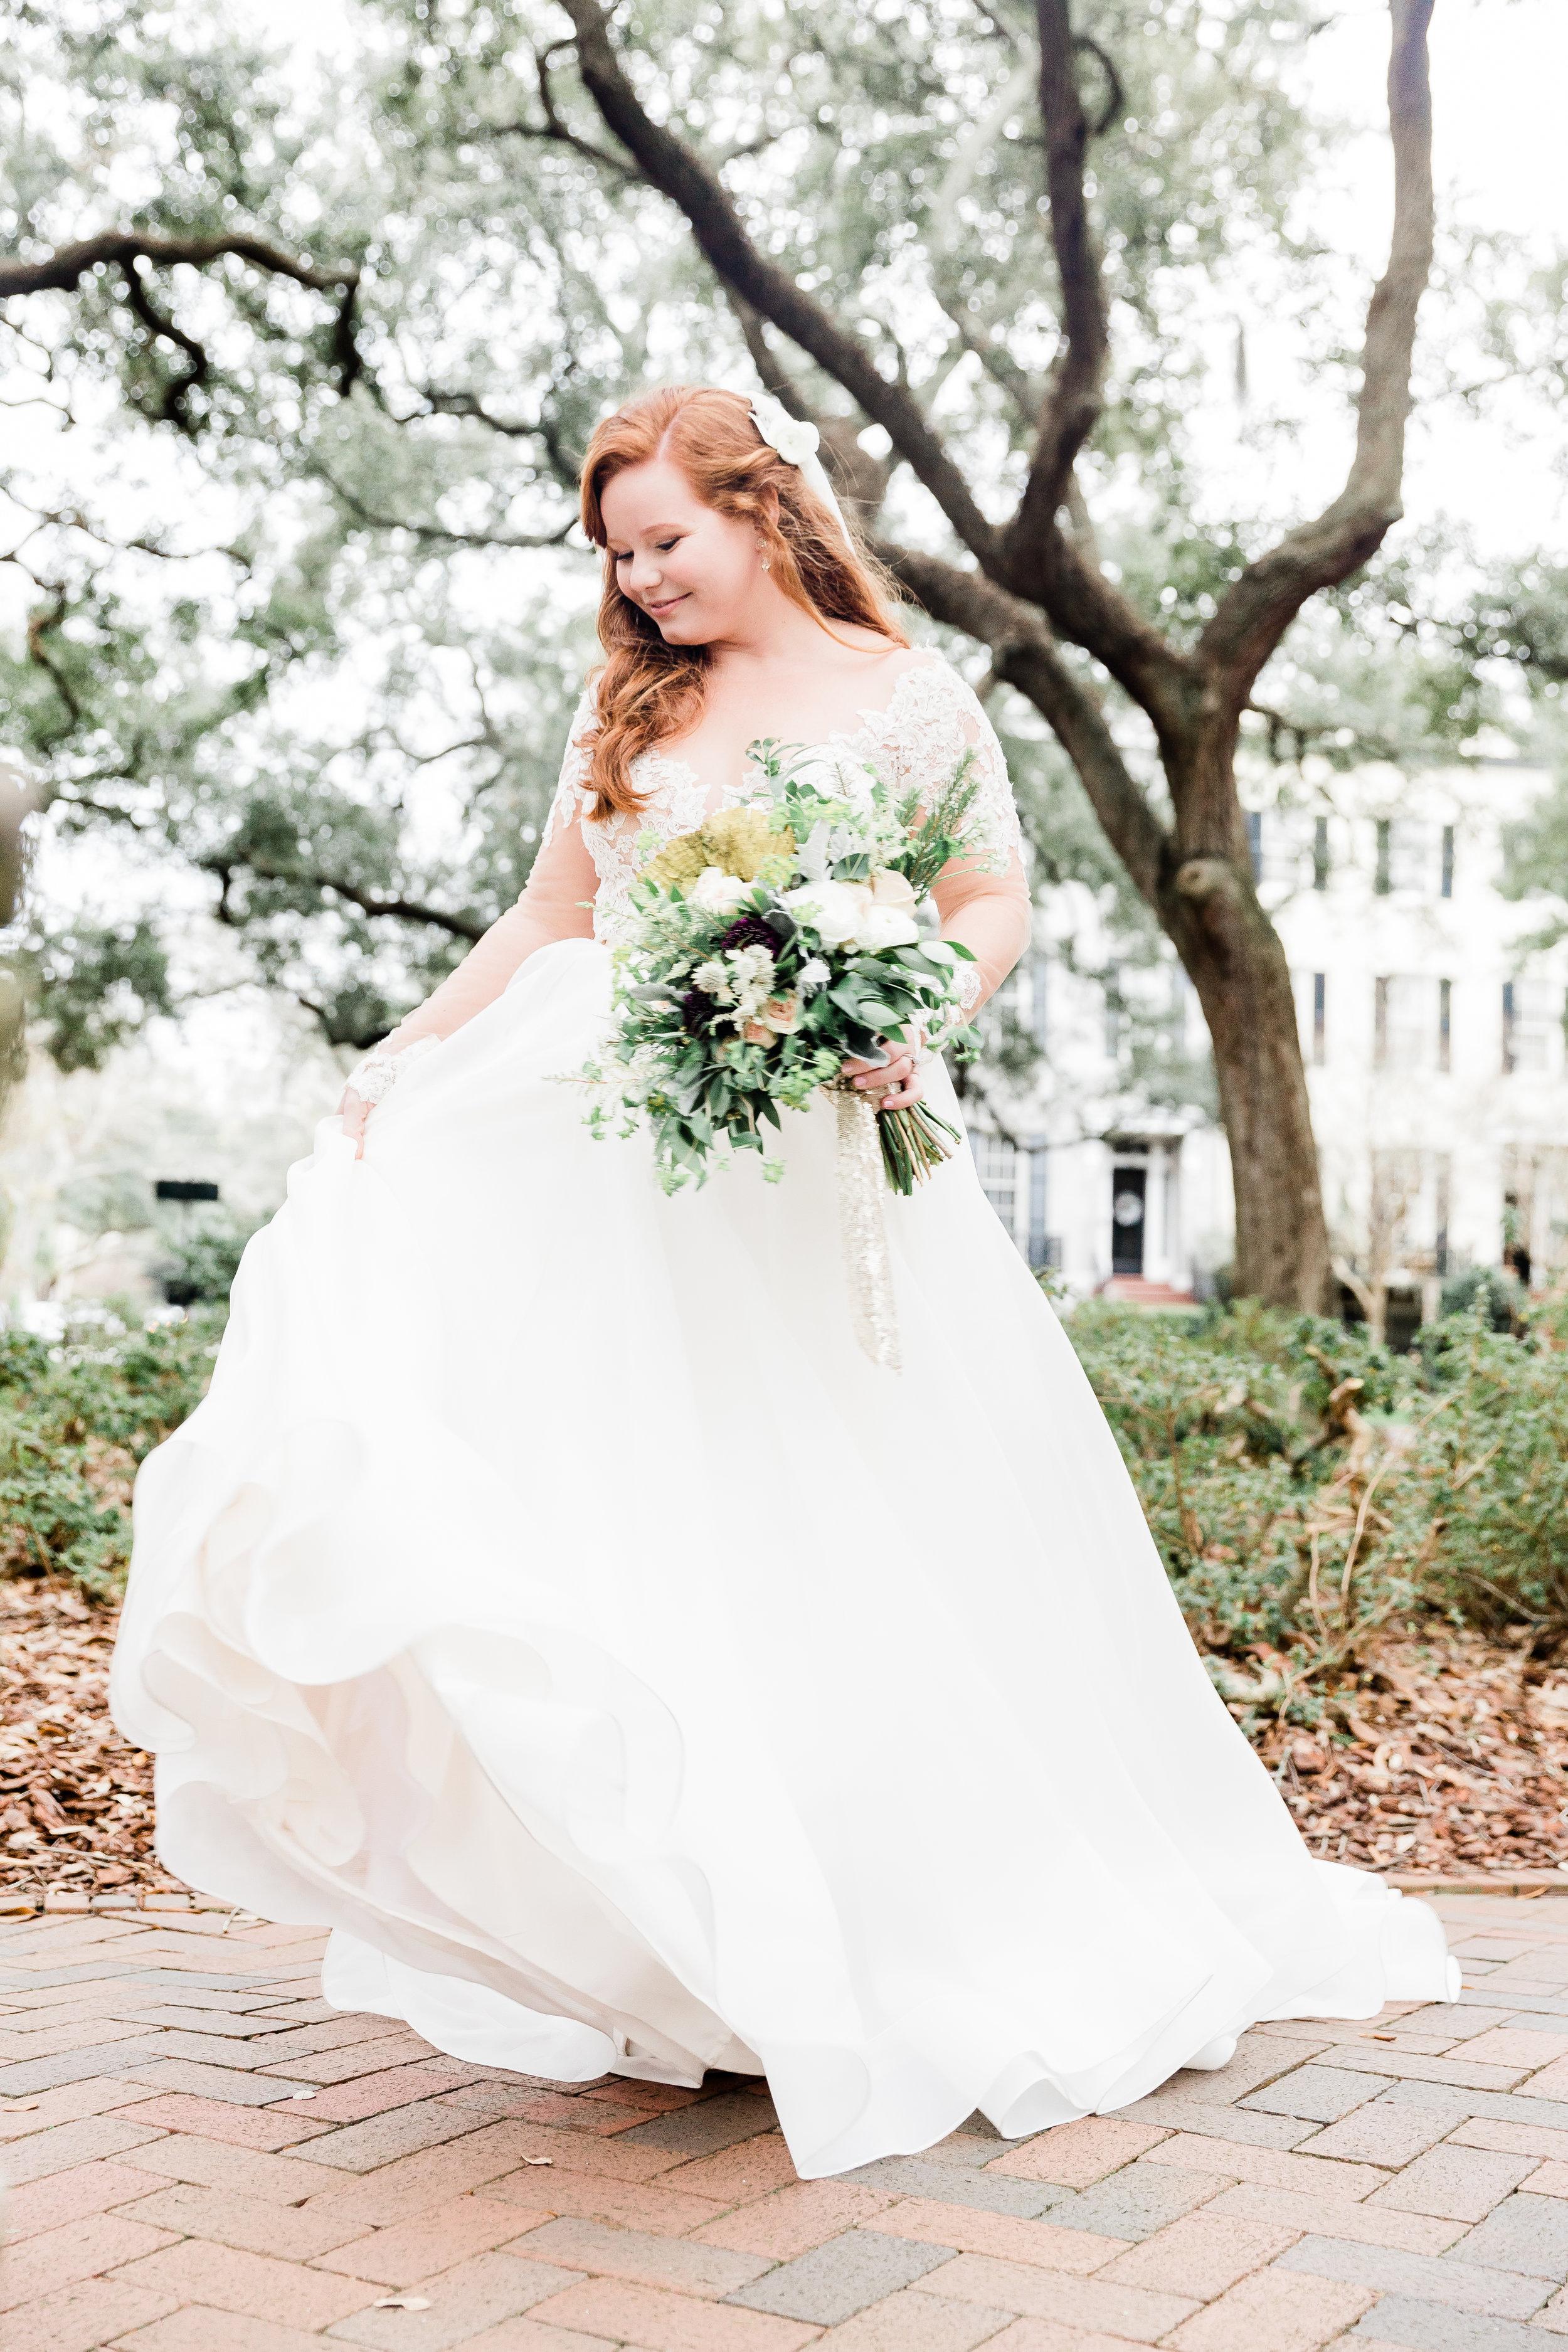 savannah_wedding_photographer_savannah_wedding_photography_packages_southern_lens_photography_downtown_savannah_4.jpeg